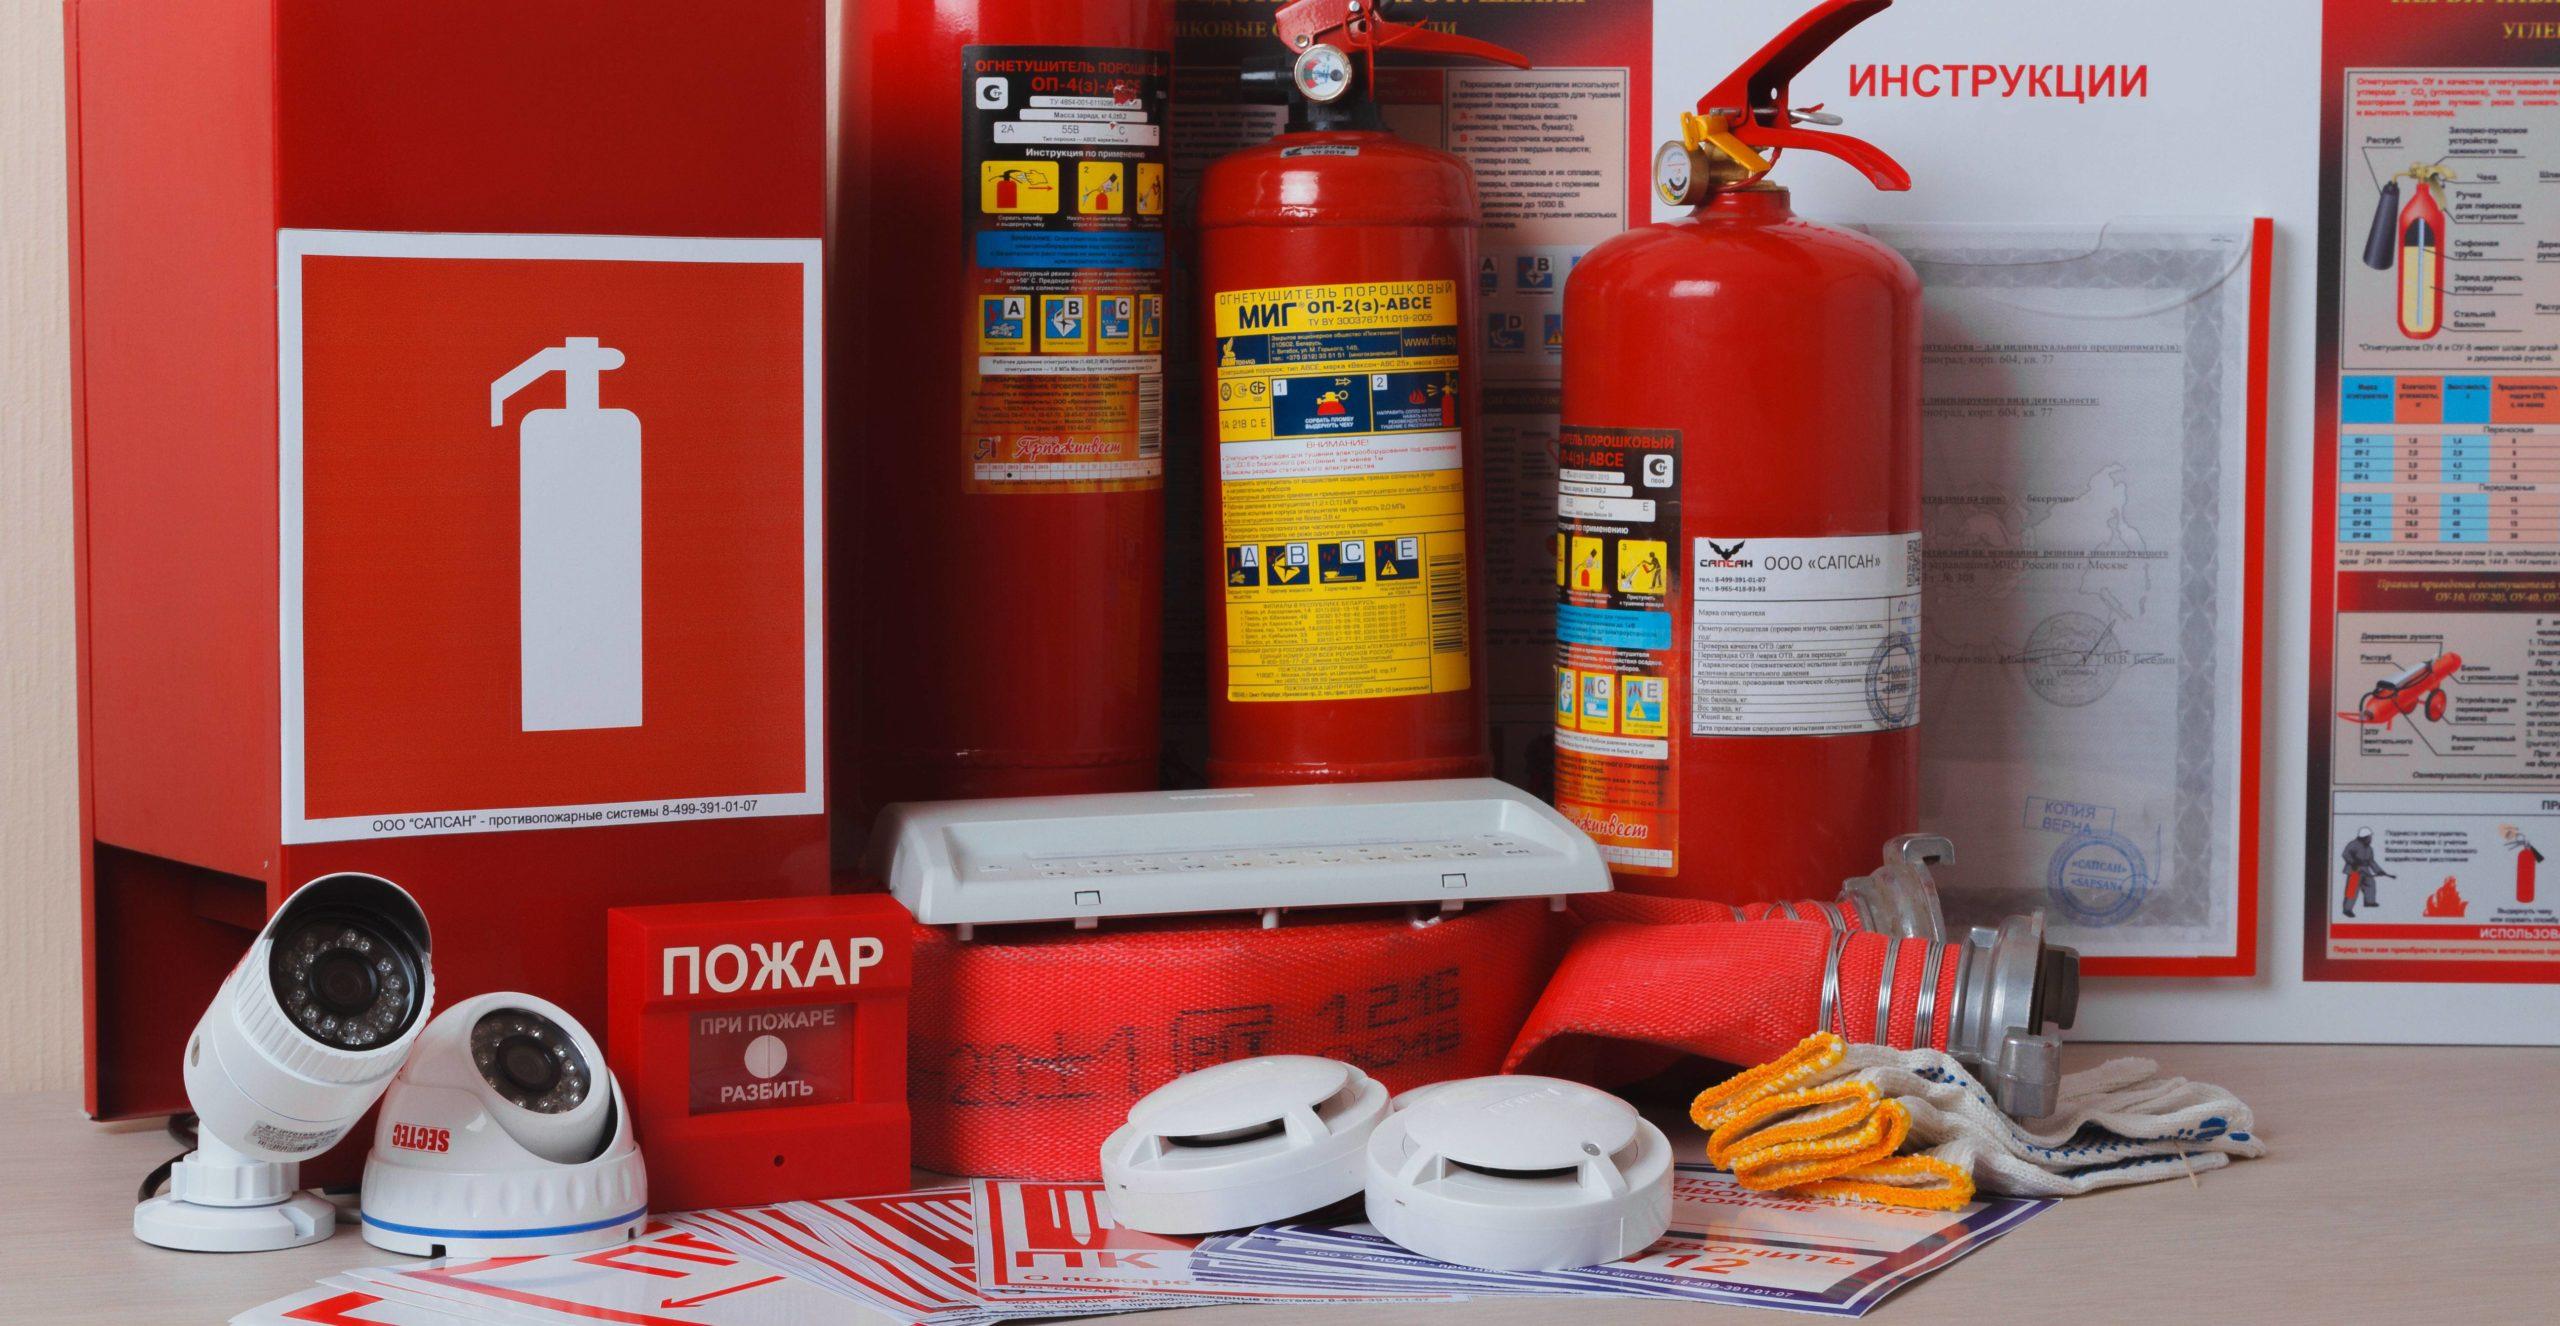 Пожарно-технический минимум на электросетевых предприятиях ( МЭС Востока 26.05.2021-01.06.2021)